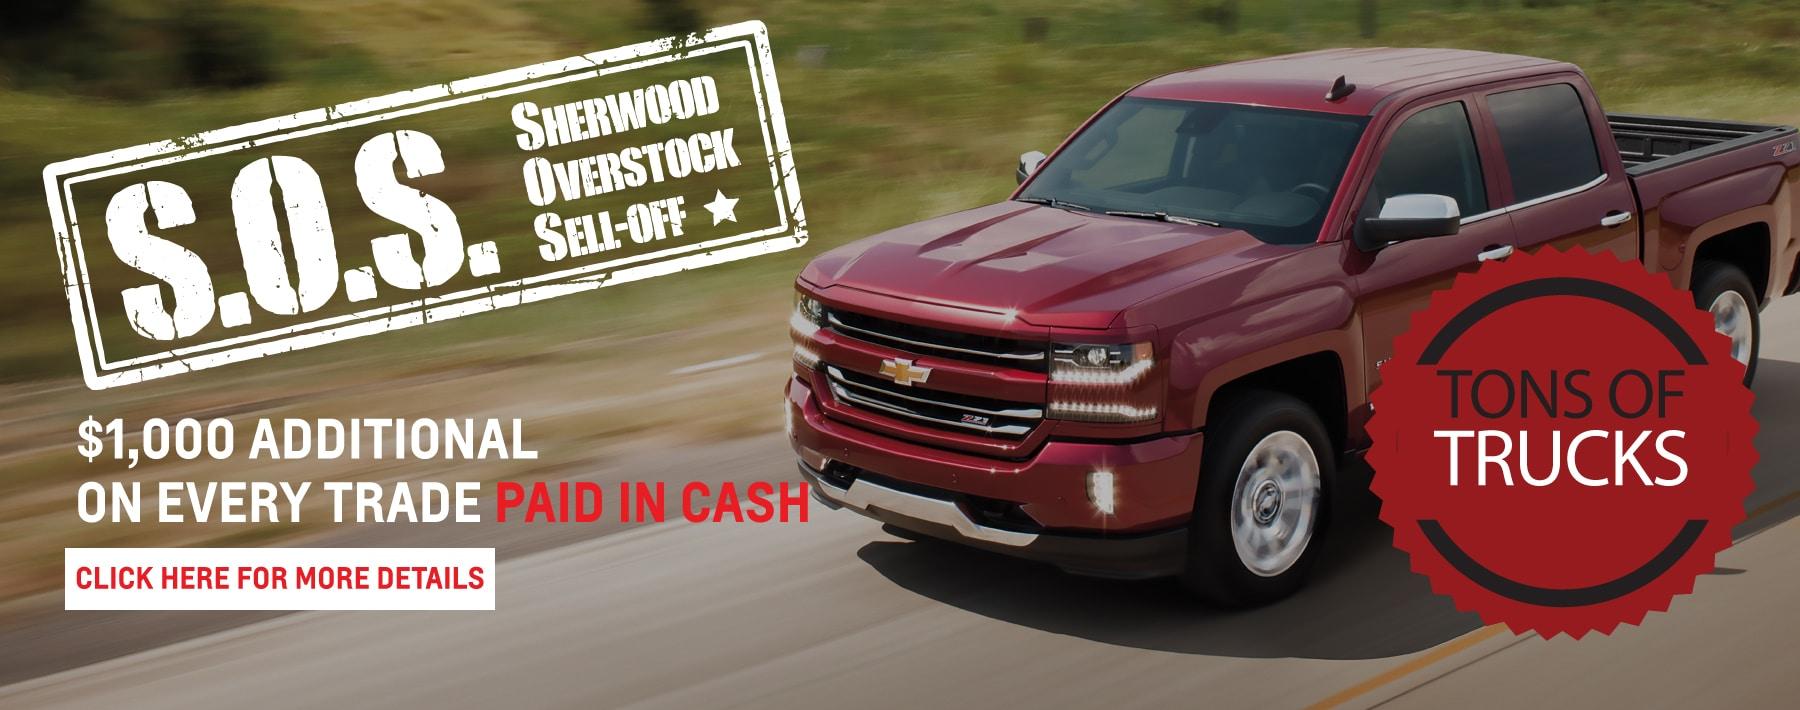 Sherwood Chev Saskatoon >> Car Dealership Saskatoon | Sherwood Chevrolet